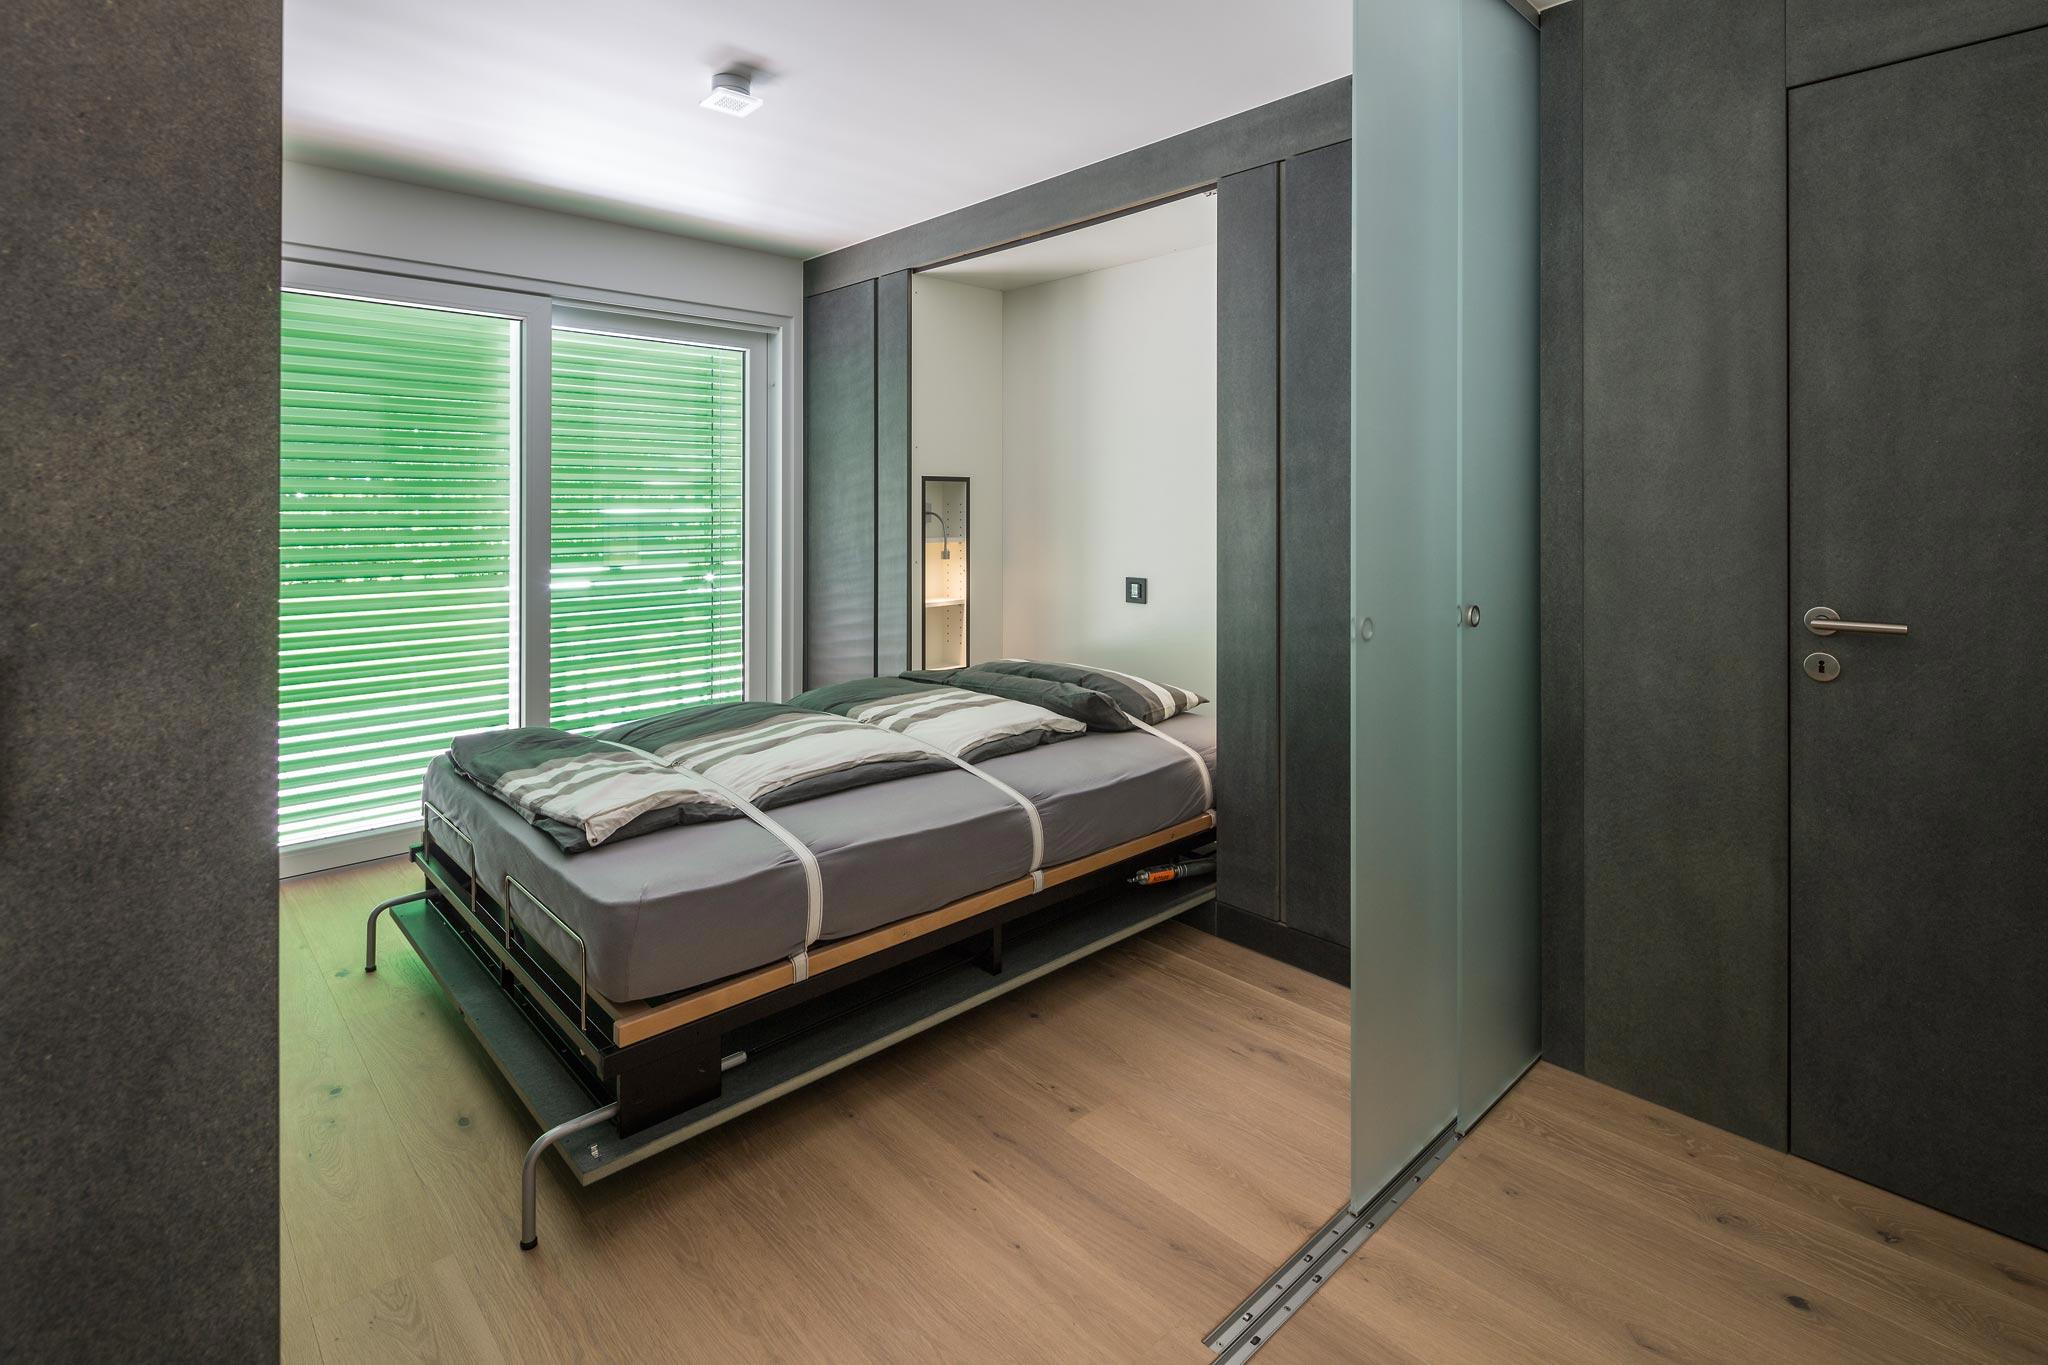 ES Bru 3680 chambre hor 20 05 032 - Une pièce modulable à Fully (Bj)